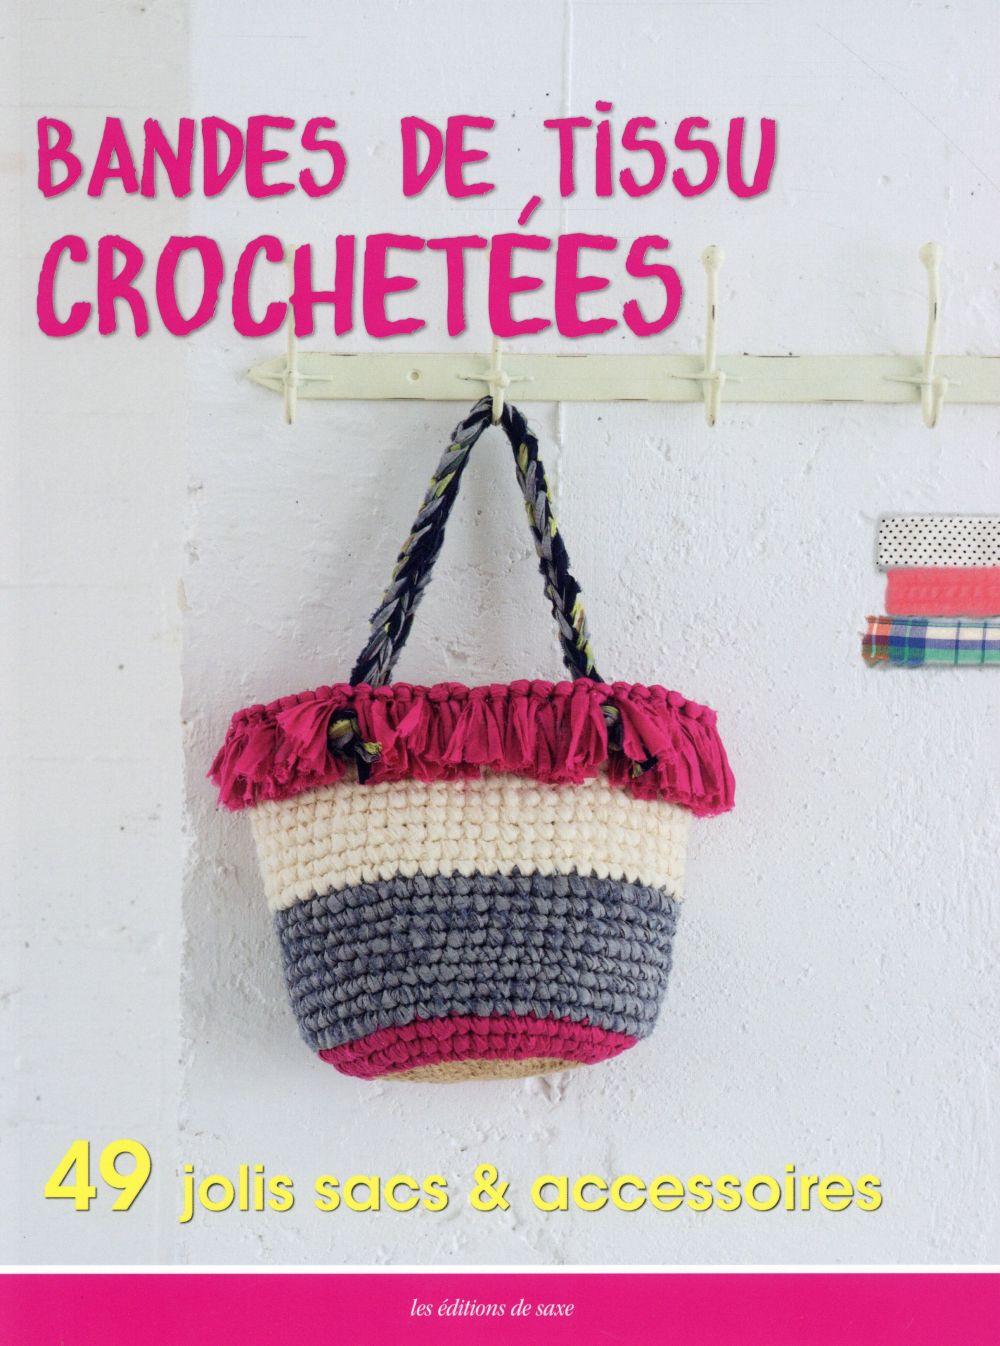 BANDES DE TISSU CROCHETEES